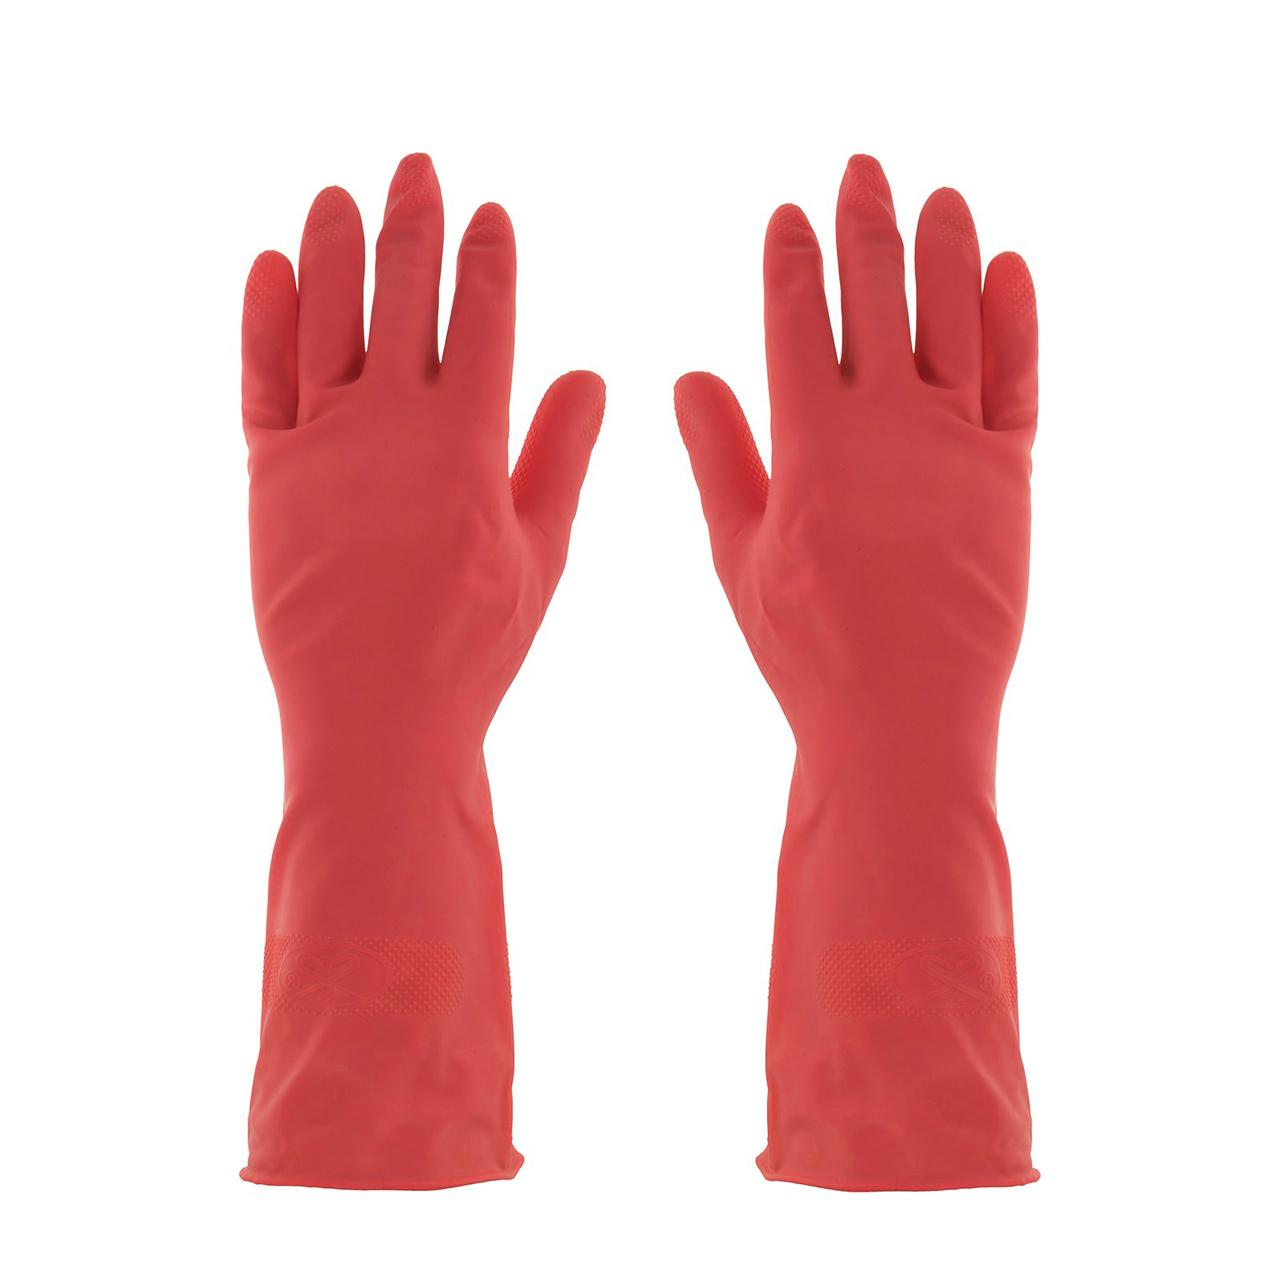 دستکش آشپزخانه حریر مدل Op-Perfect سایز خیلی بزرگ